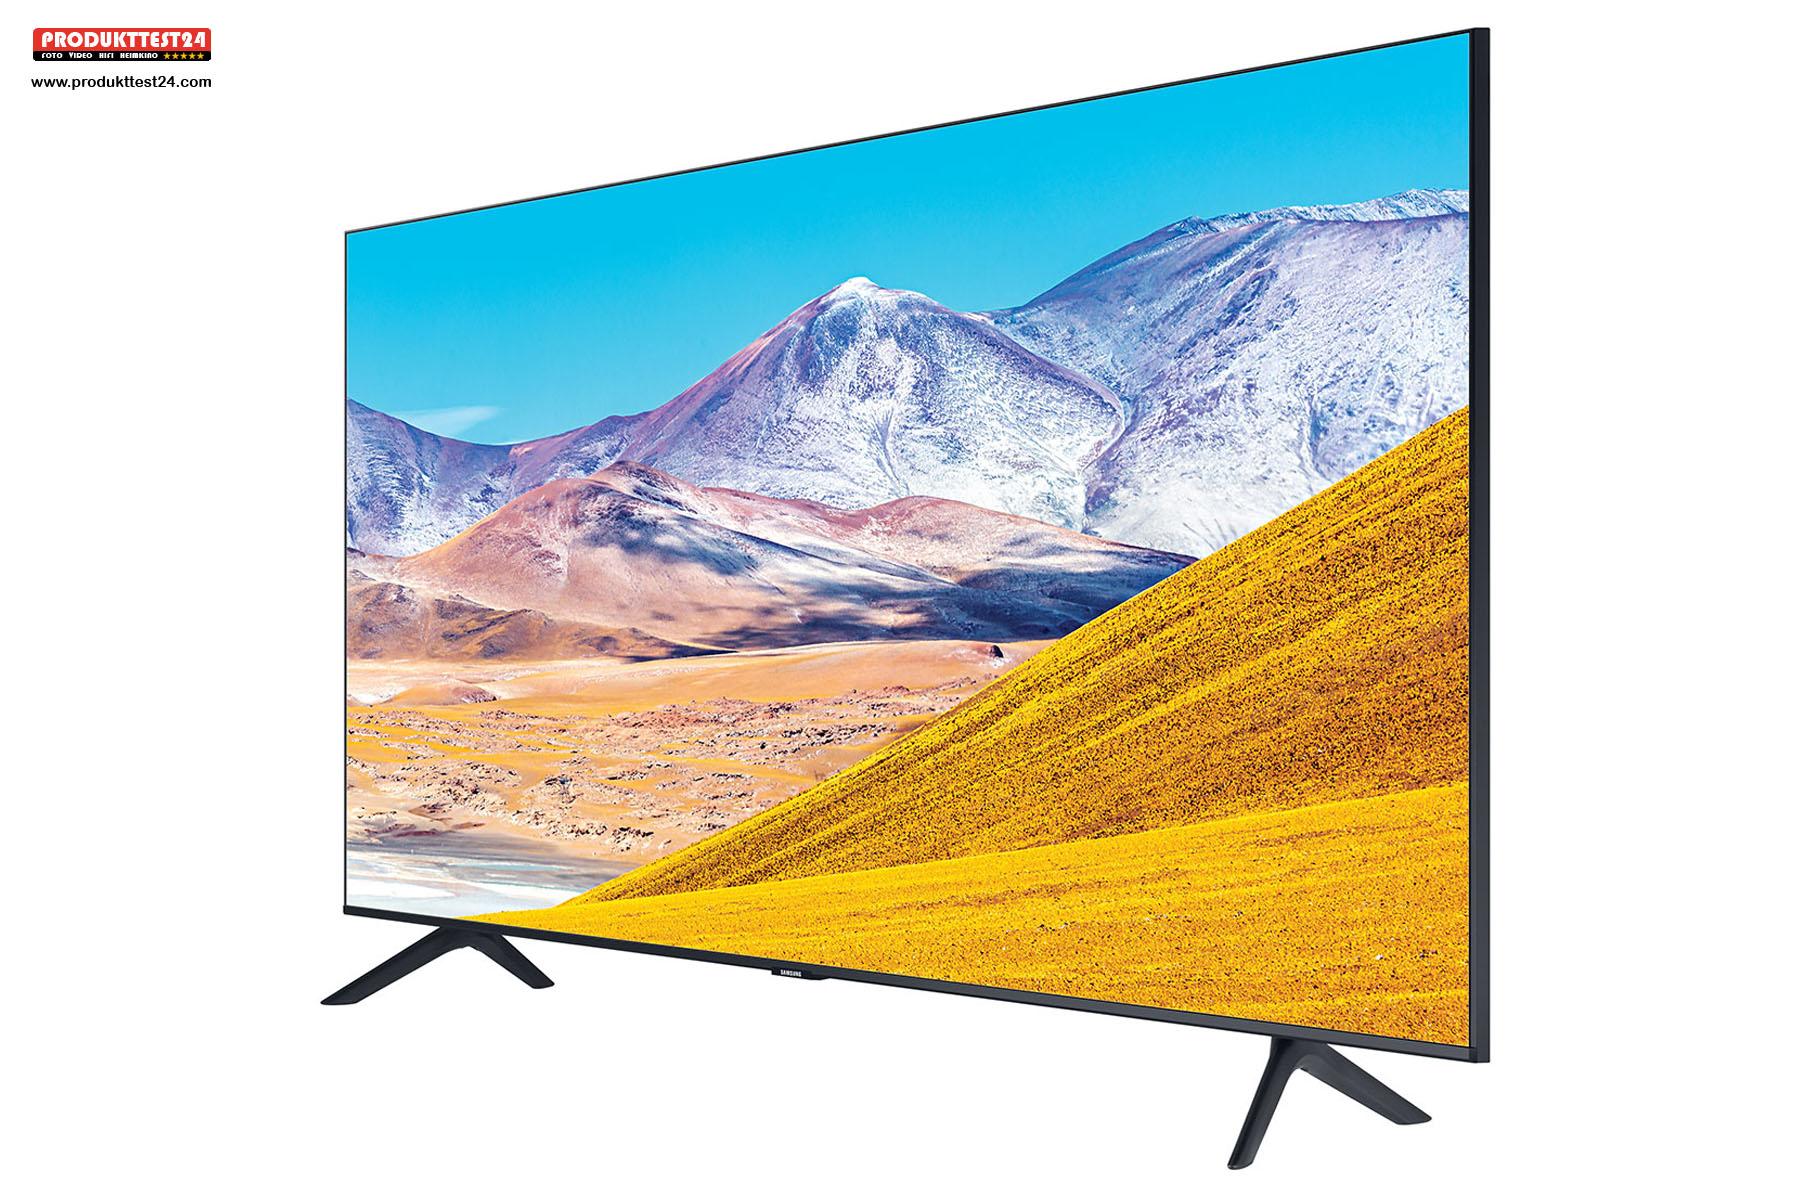 Samsung GU75TU8079 - 189 cm Bilddiagonale und HDR10